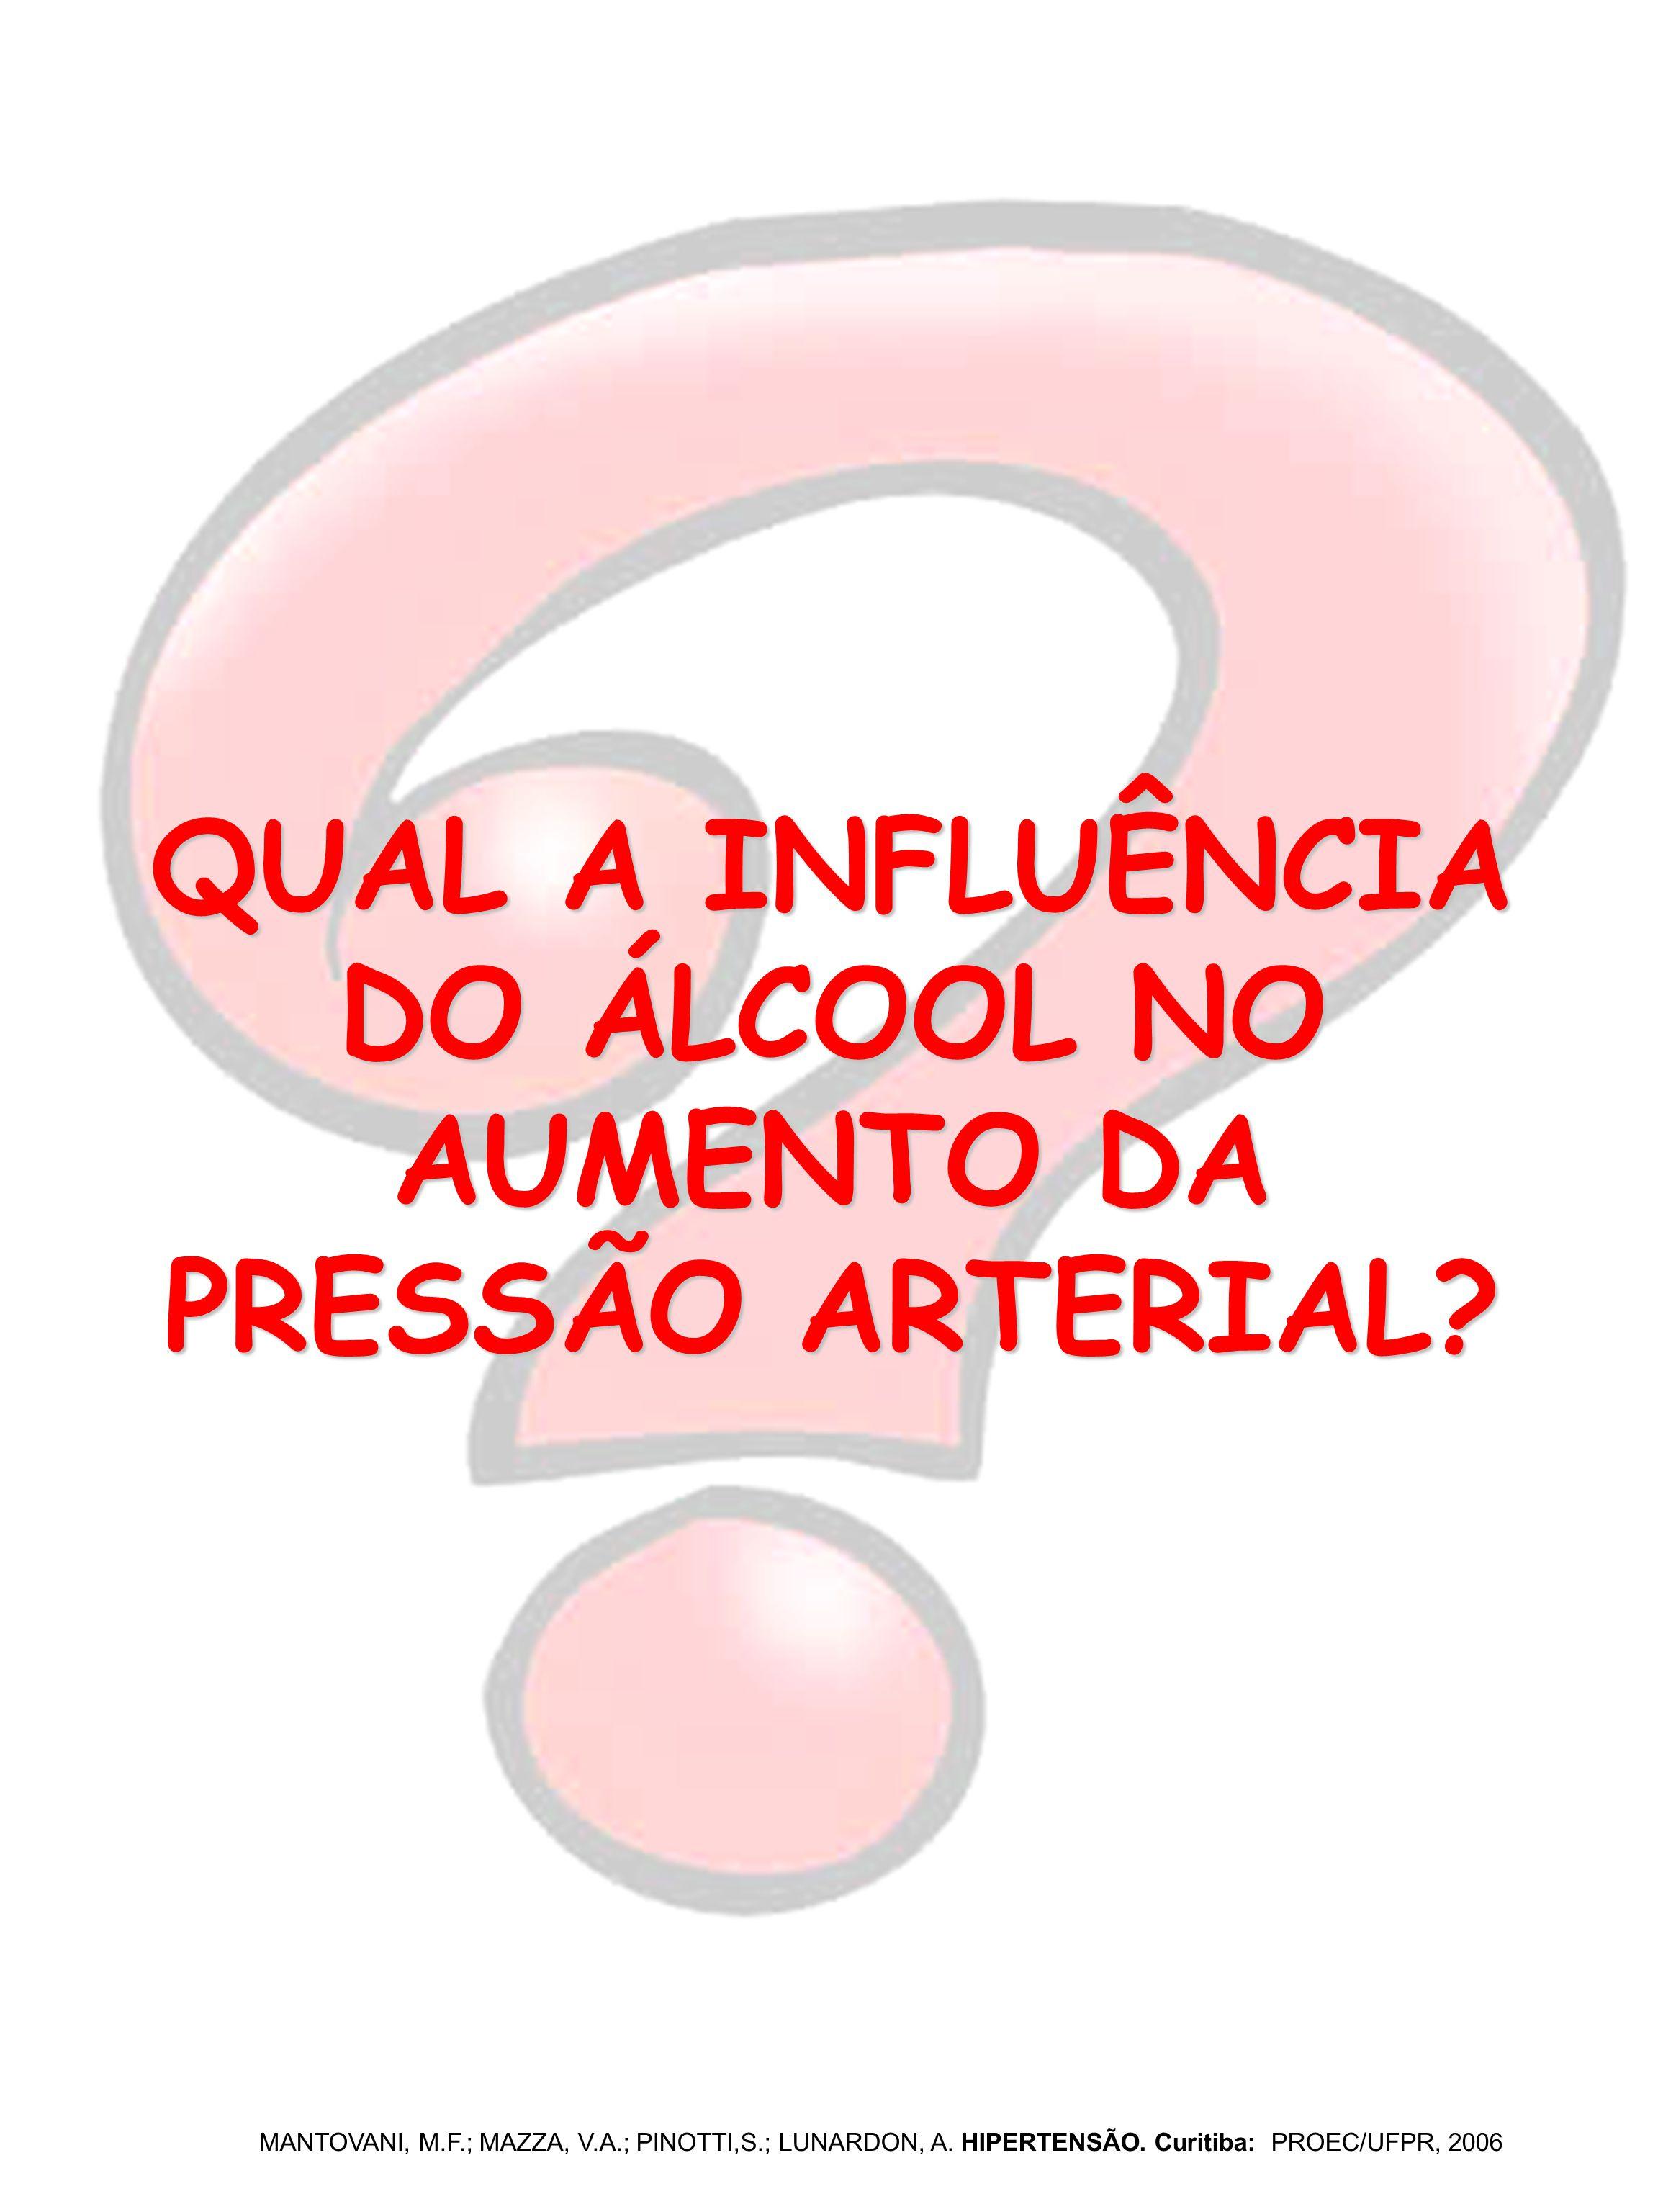 QUAL A INFLUÊNCIA DO ÁLCOOL NO AUMENTO DA PRESSÃO ARTERIAL? MANTOVANI, M.F.; MAZZA, V.A.; PINOTTI,S.; LUNARDON, A. HIPERTENSÃO. Curitiba: PROEC/UFPR,